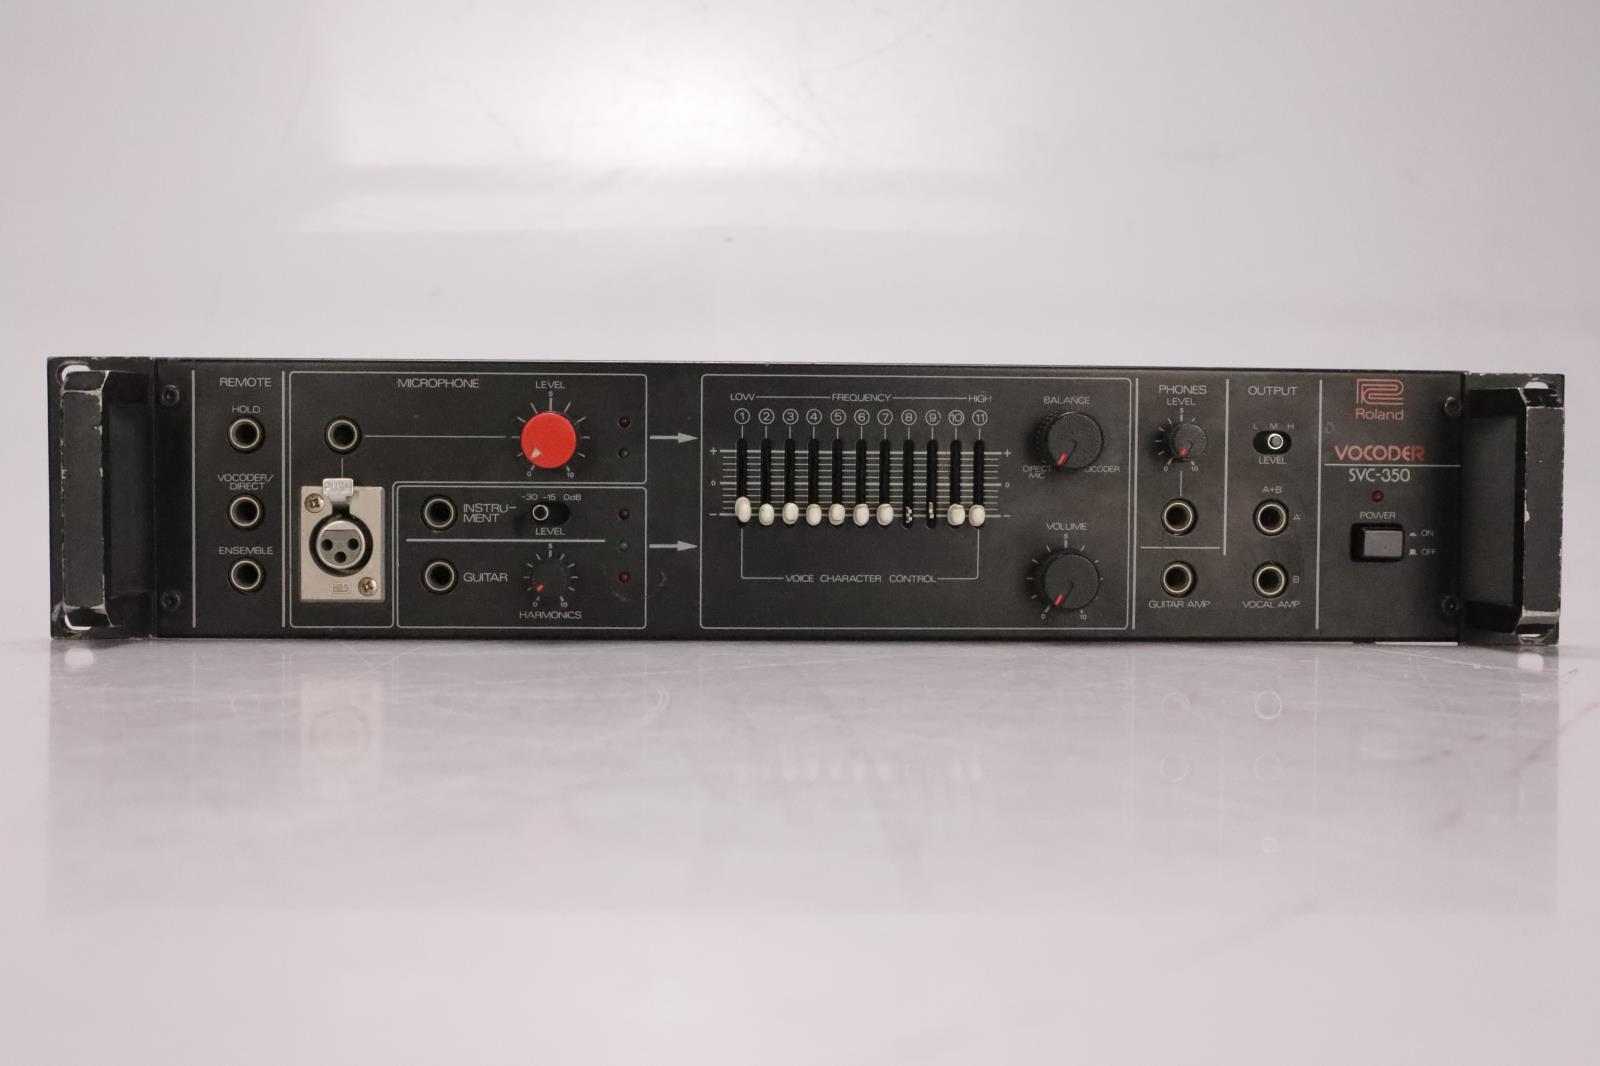 Roland SVC-350 Vocoder 11 Band Vocal Analog Processor #36978